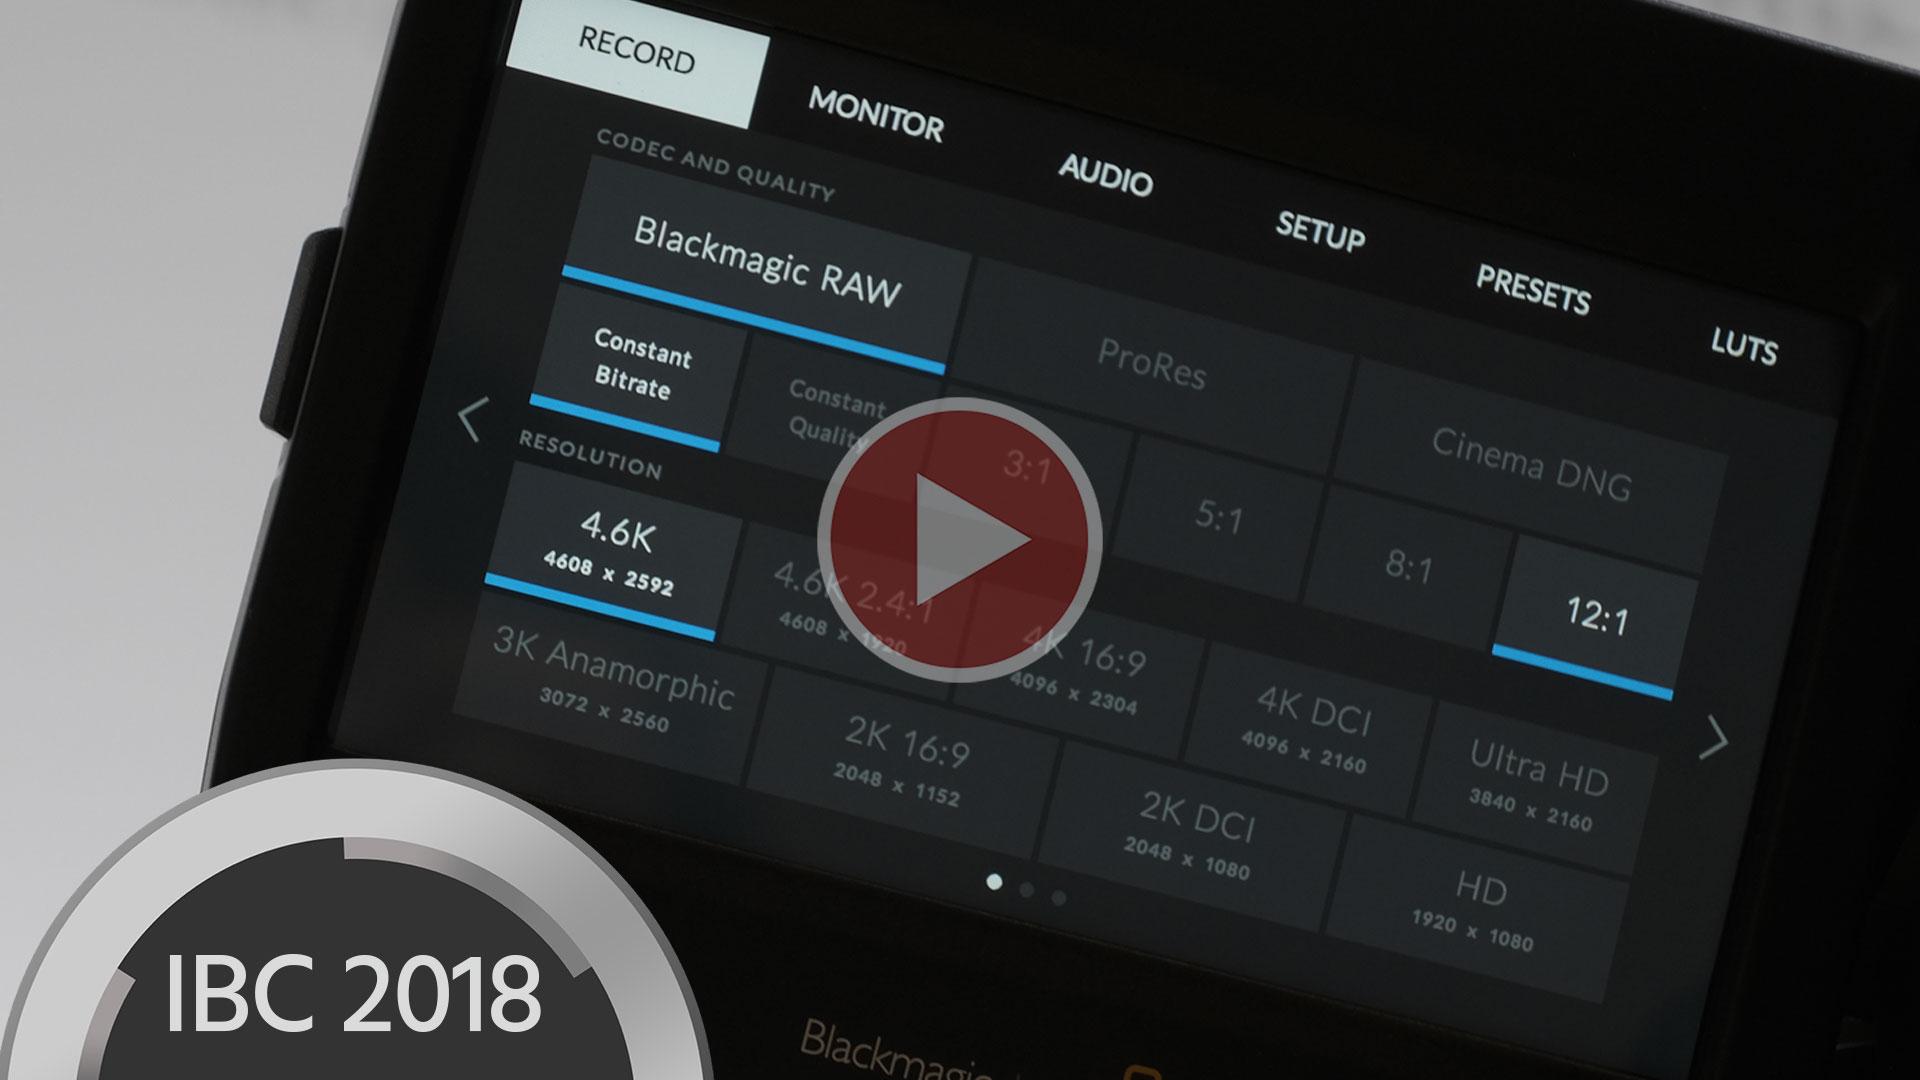 ブラックマジックデザインがBlackmagic RAW発表―無償アップデート、12ビット圧縮RAWでカメラ内記録が可能